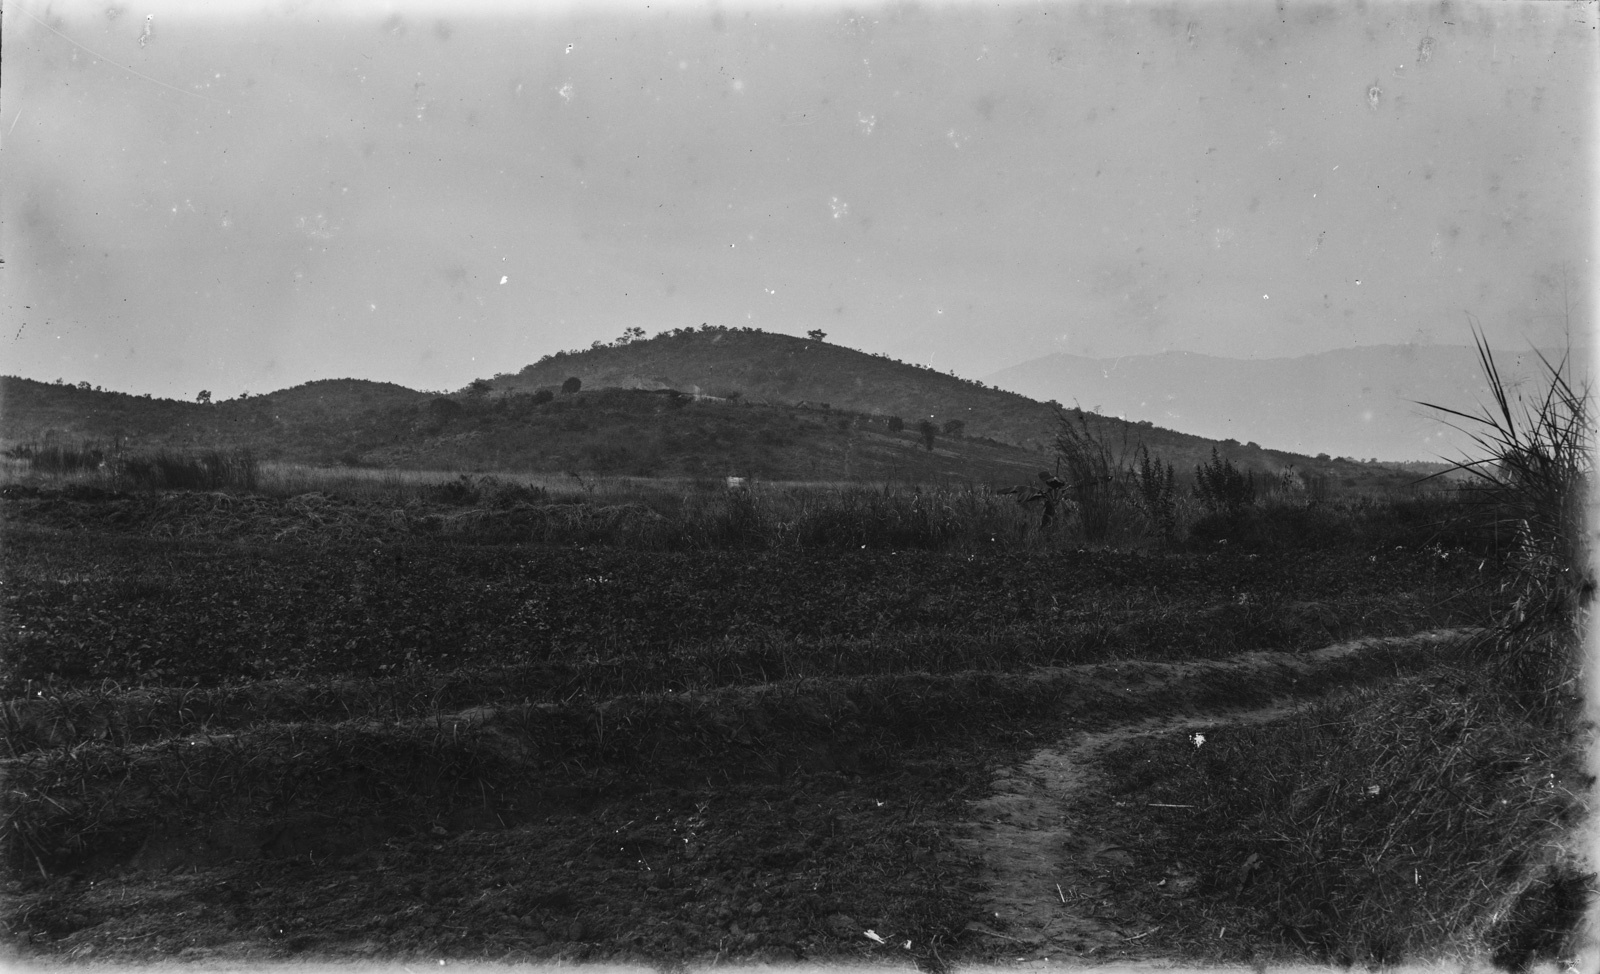 33. Вид на холмистый пейзаж в районе Корогве